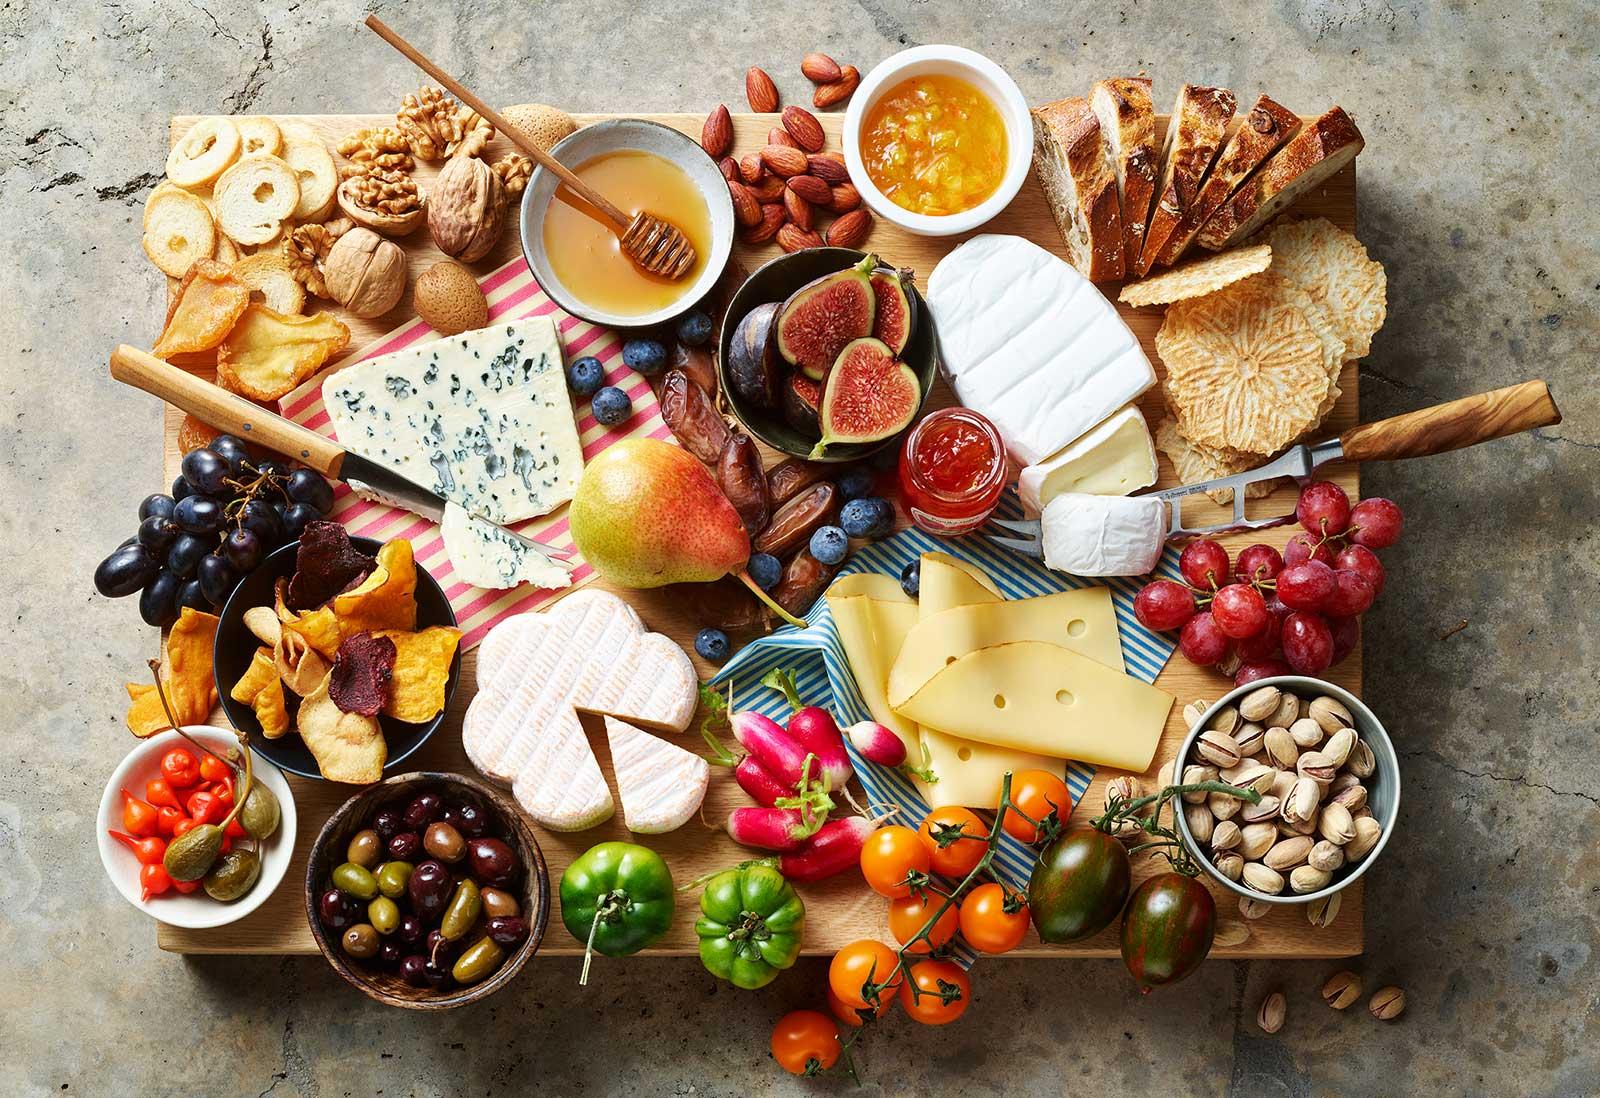 Die perfekte Käseplatte - Es kommt einfach alles auf die Platte worauf man Lust hat!